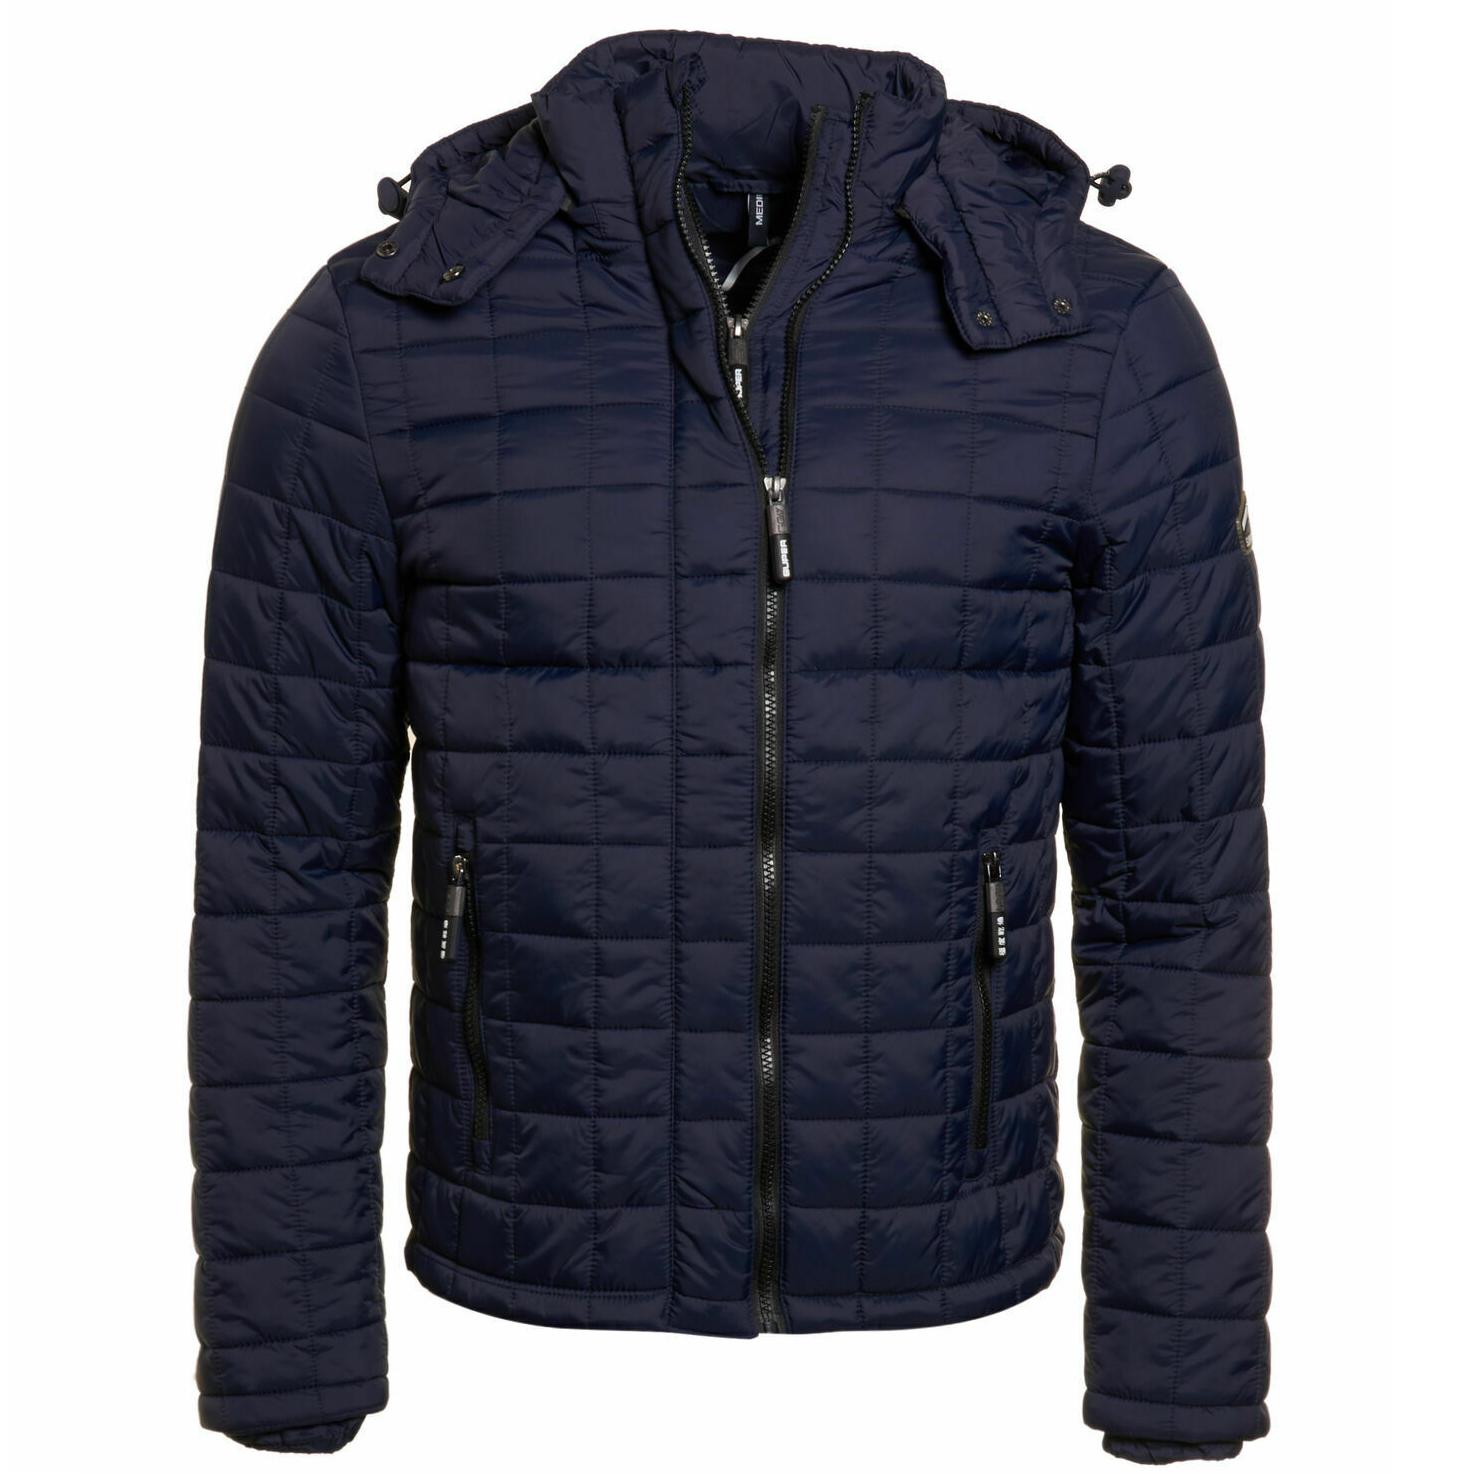 Mens Superdry Box Quilt Fuji Hooded Jacket - £35.99 Delivered @ Superdry / eBay